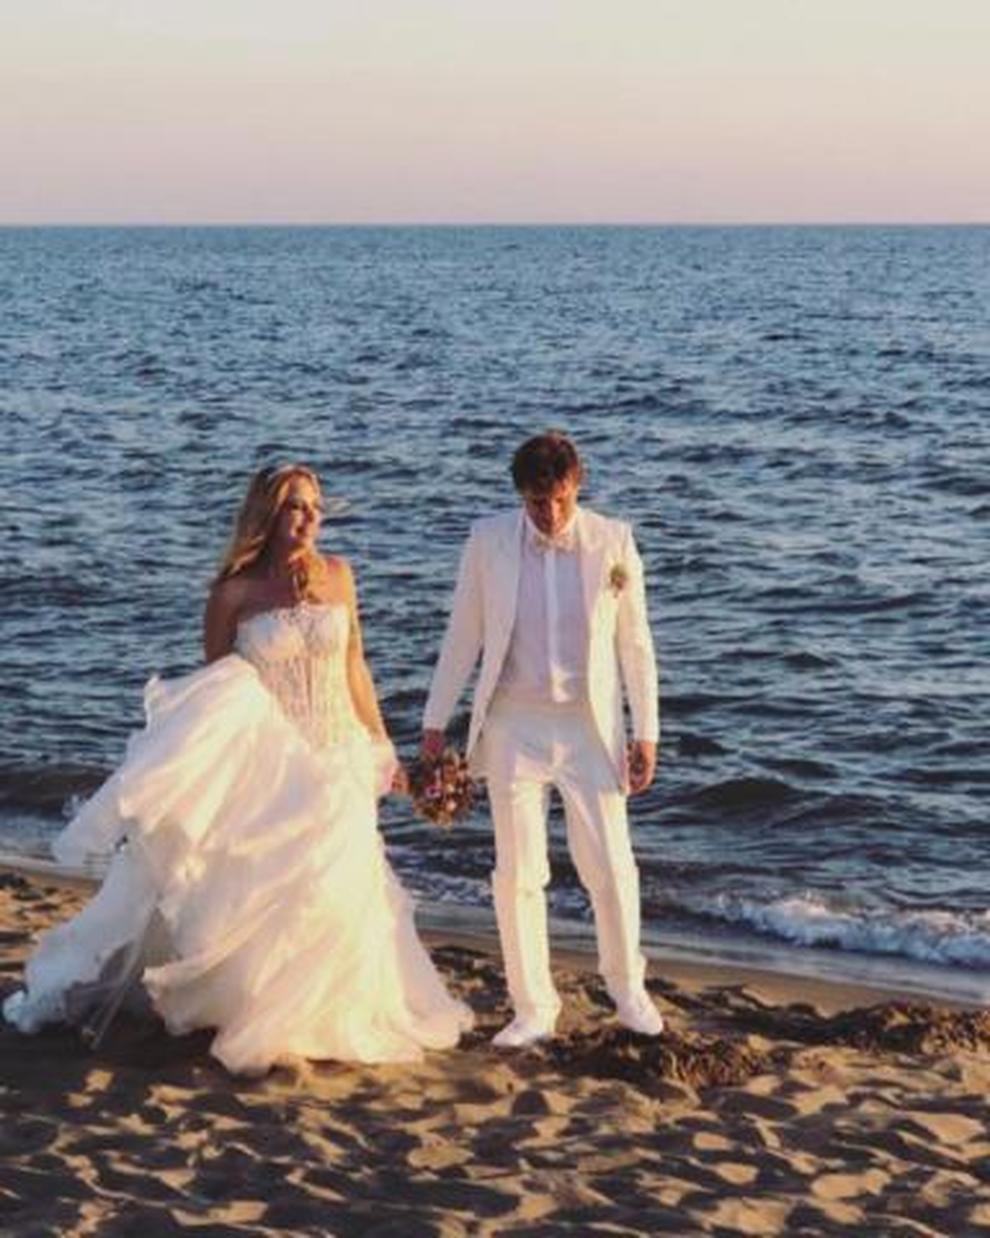 Matrimonio In Spiaggia Lampedusa : Stefania orlando si sposa le foto più belle del matrimonio sulla